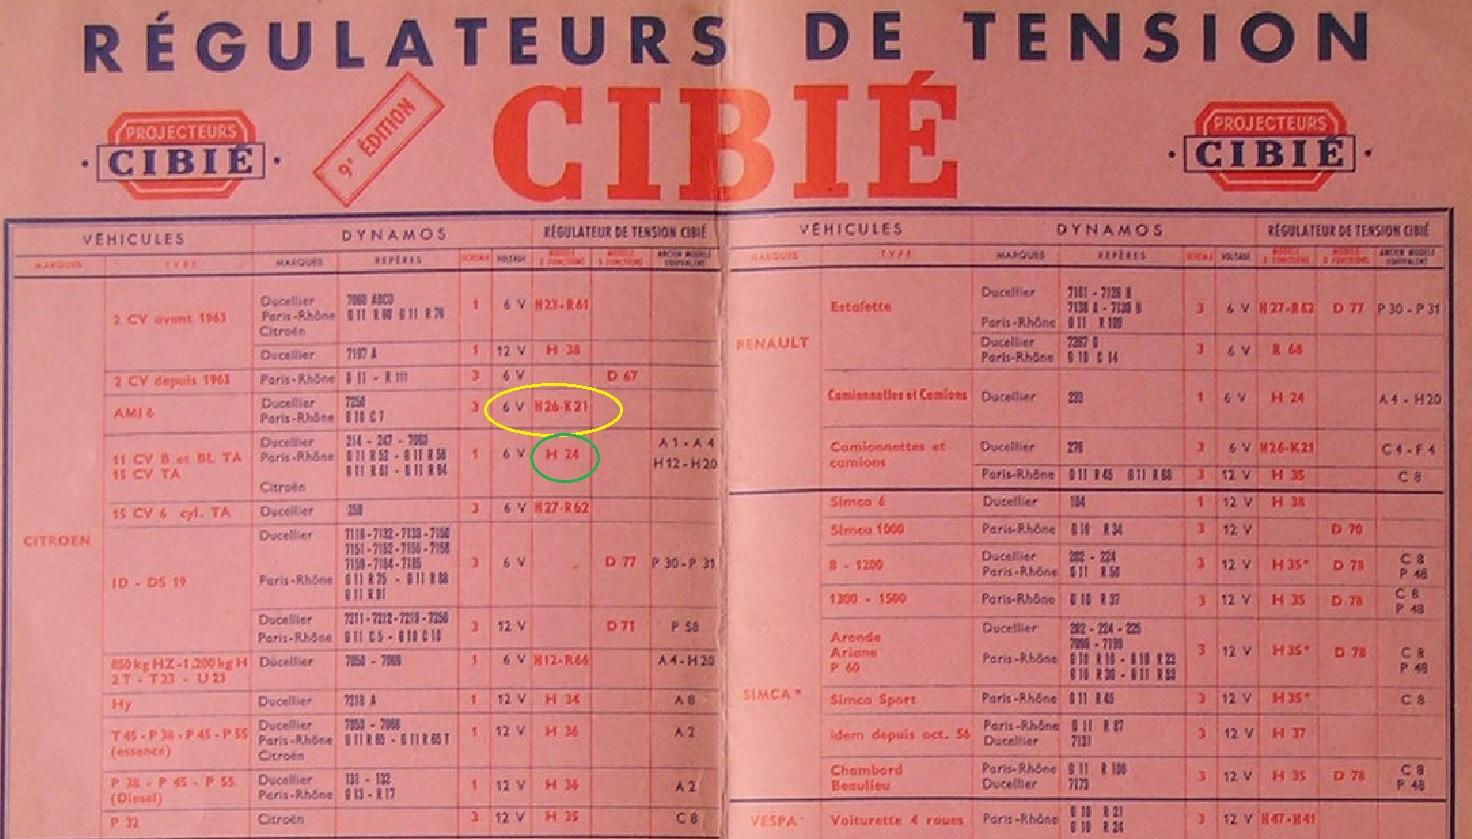 Cibié-régulateurs.jpg